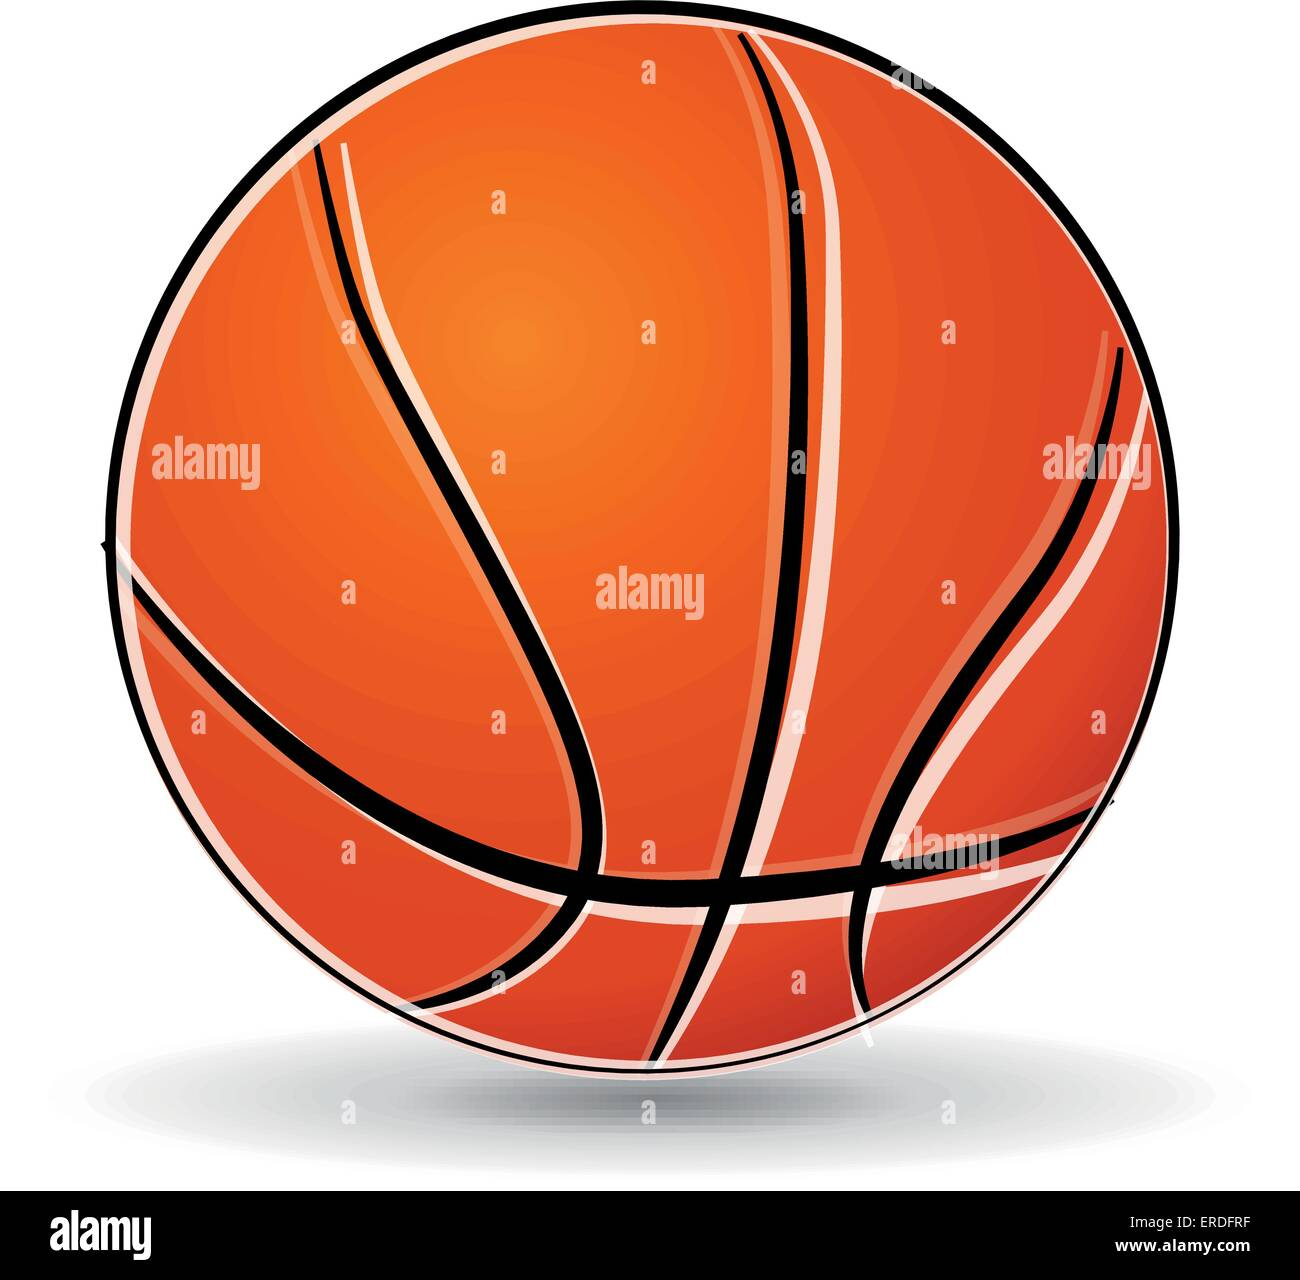 ilustração do vetor de basquetebol bola desenho sobre fundo branco